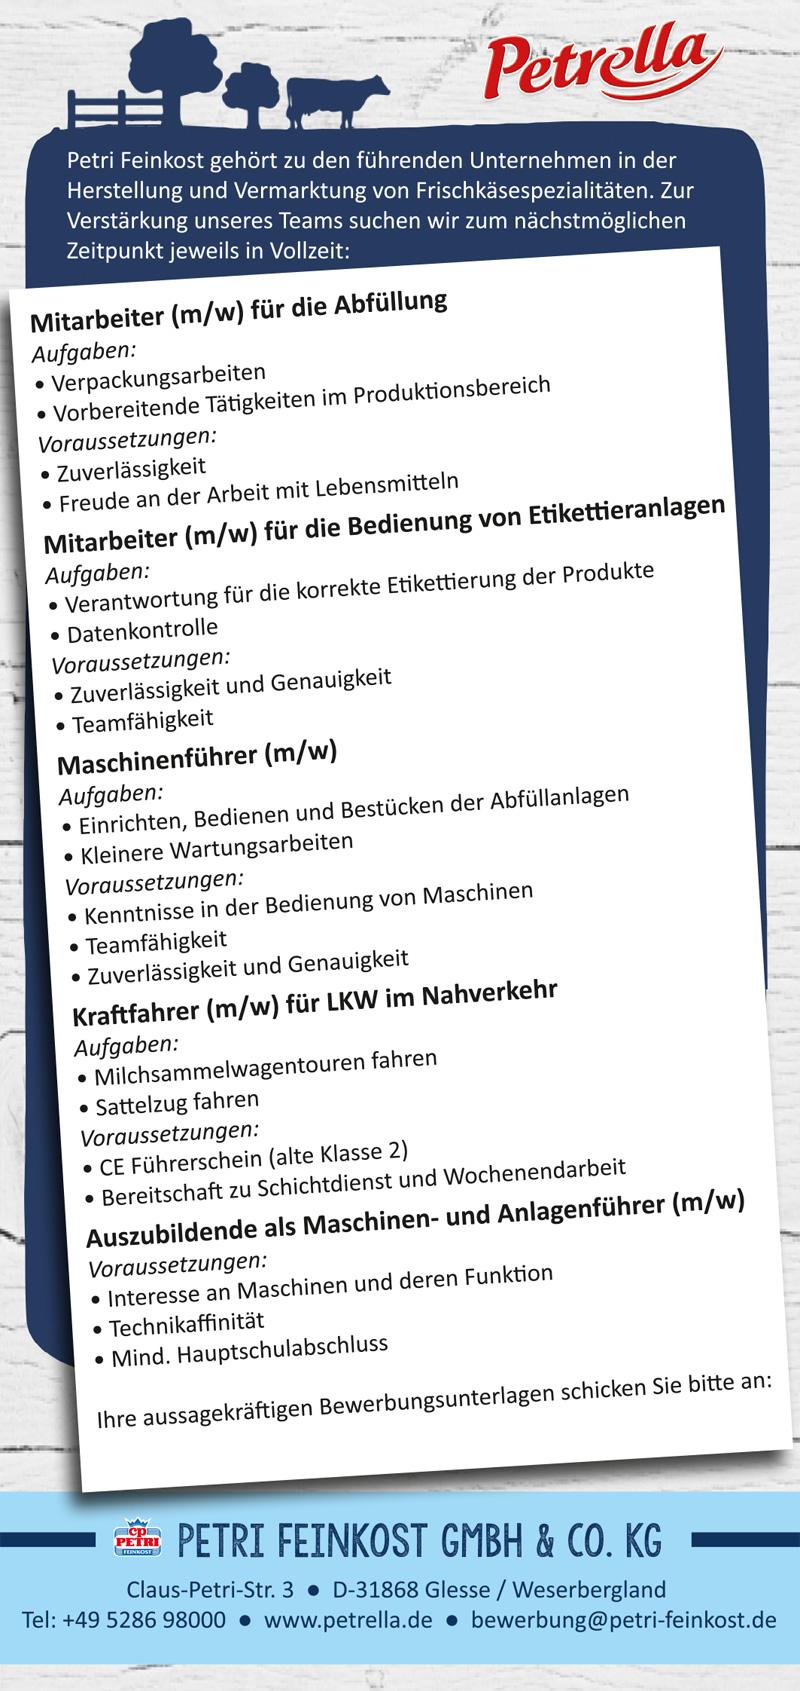 karriere bei petri feinkost - Bewerbung Als Maschinenfuhrer